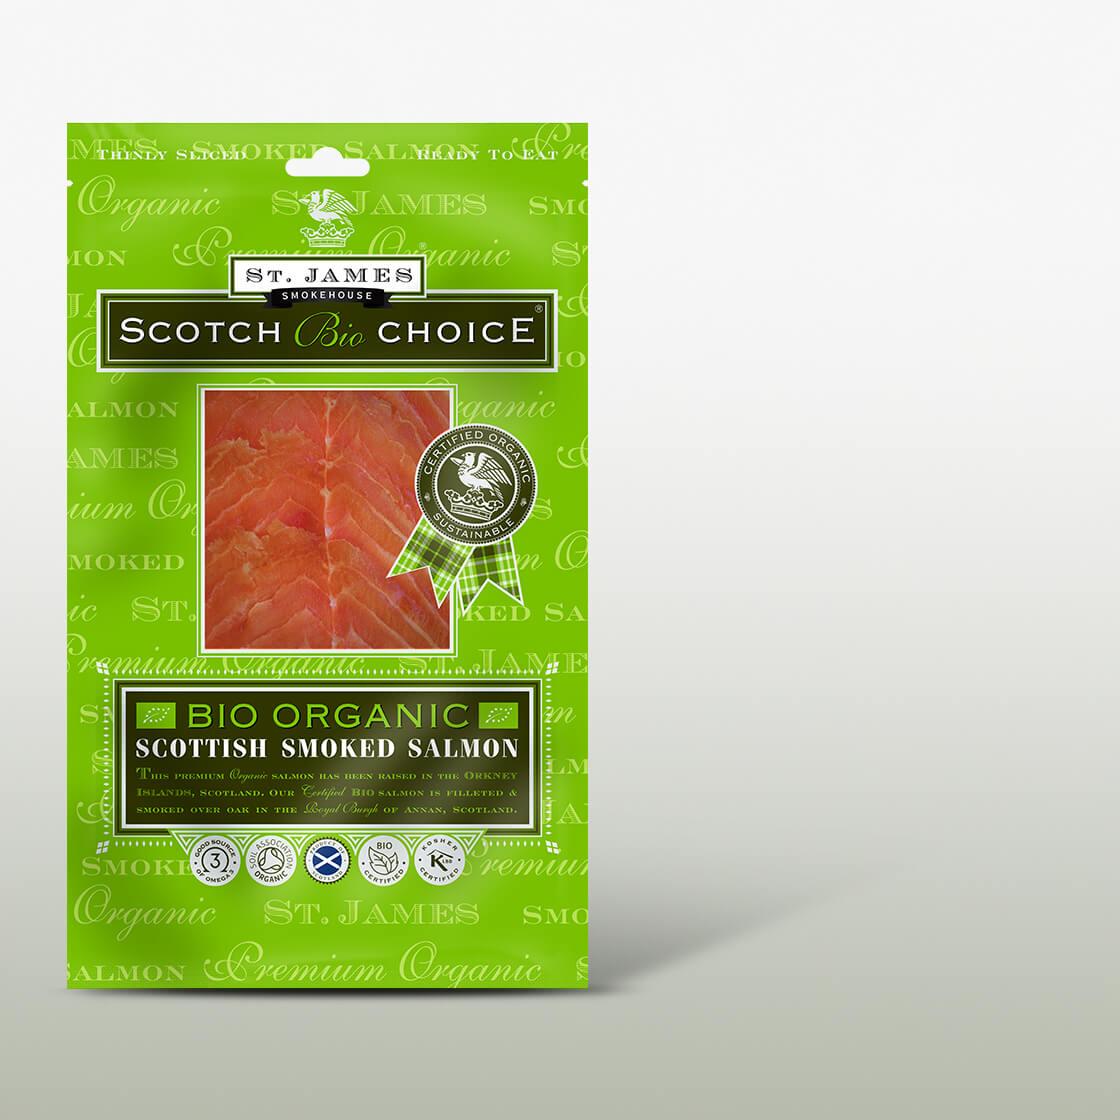 Scotch Choice Bio Smoked Salmon